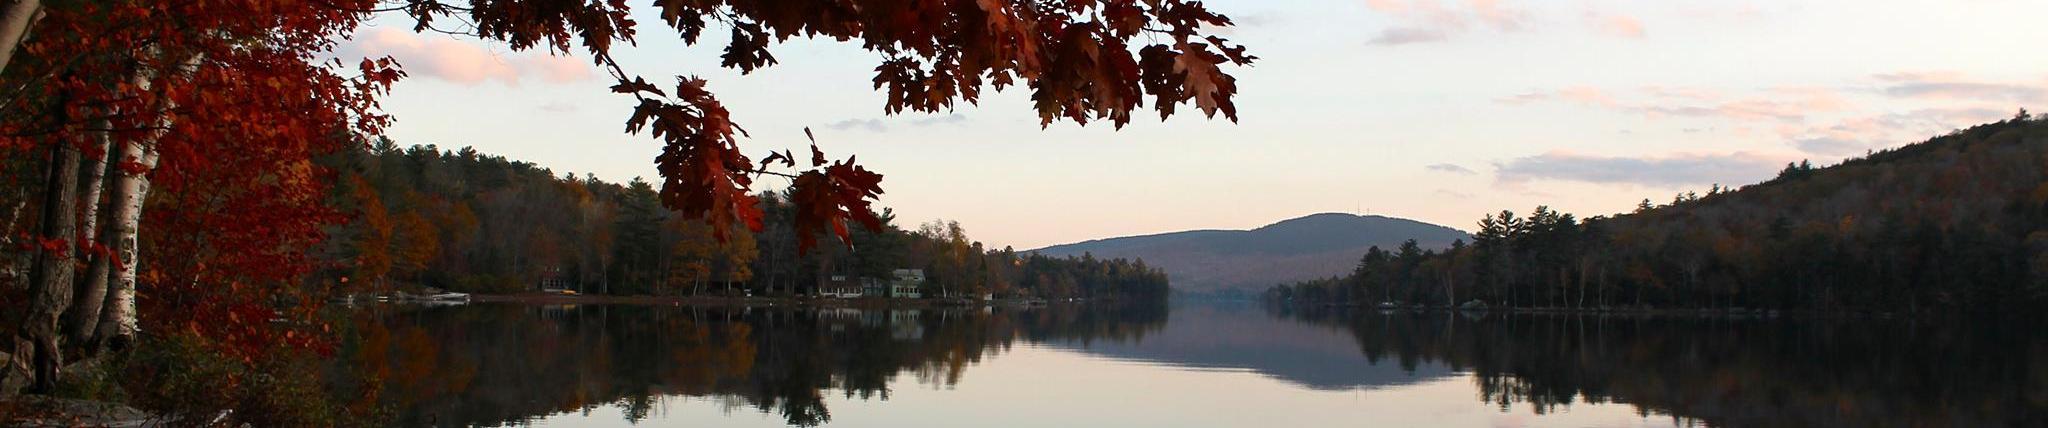 Philips Lake